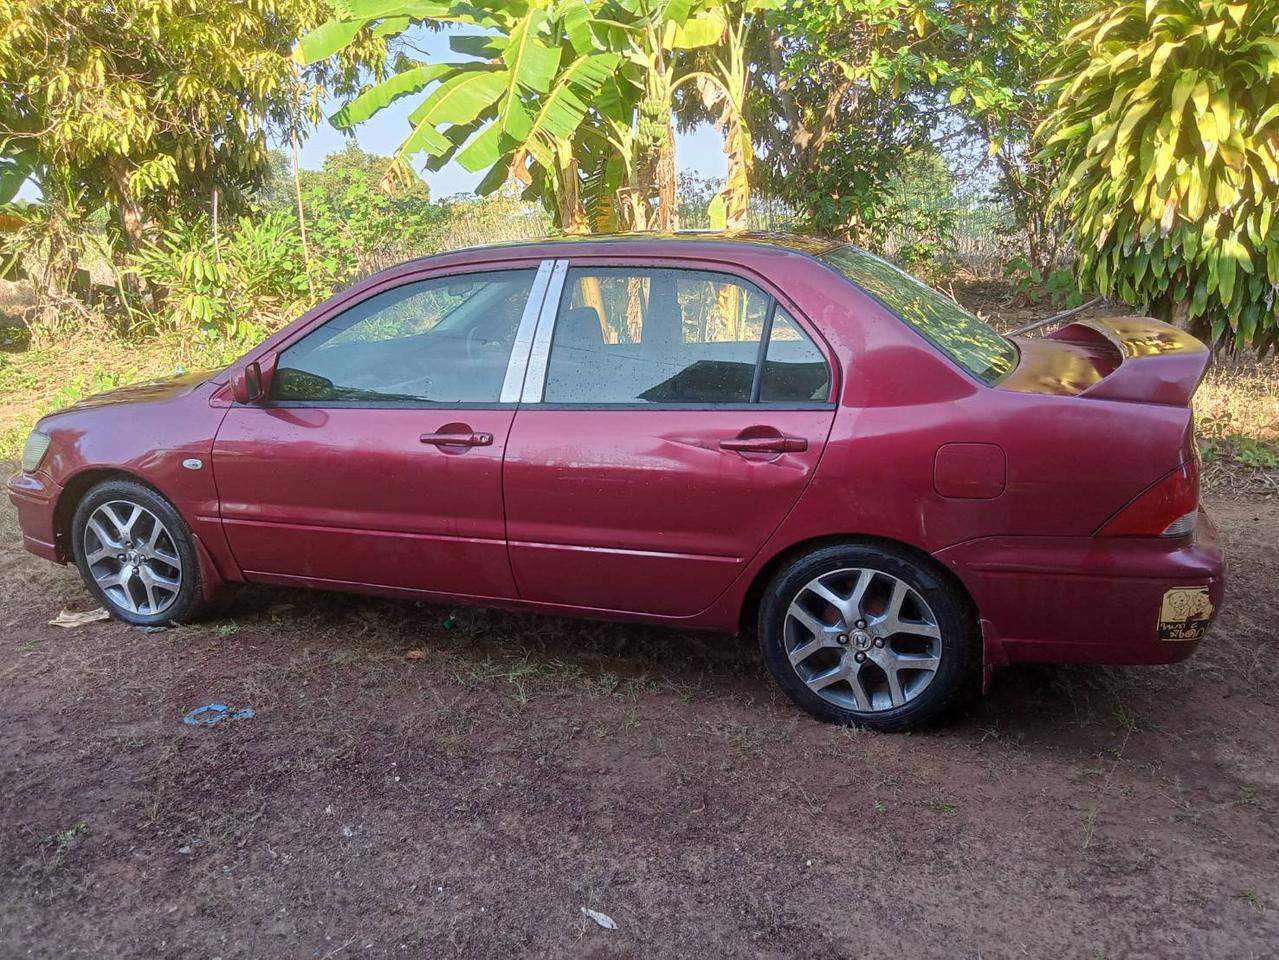 ขออนุญาต admin ขาย Mitsubishi cedia ปี 2003 1.6 auto พร้อมใช้ รถวิ่งดีมาก ระบบไฟฟ้าครบ รูปที่ 6